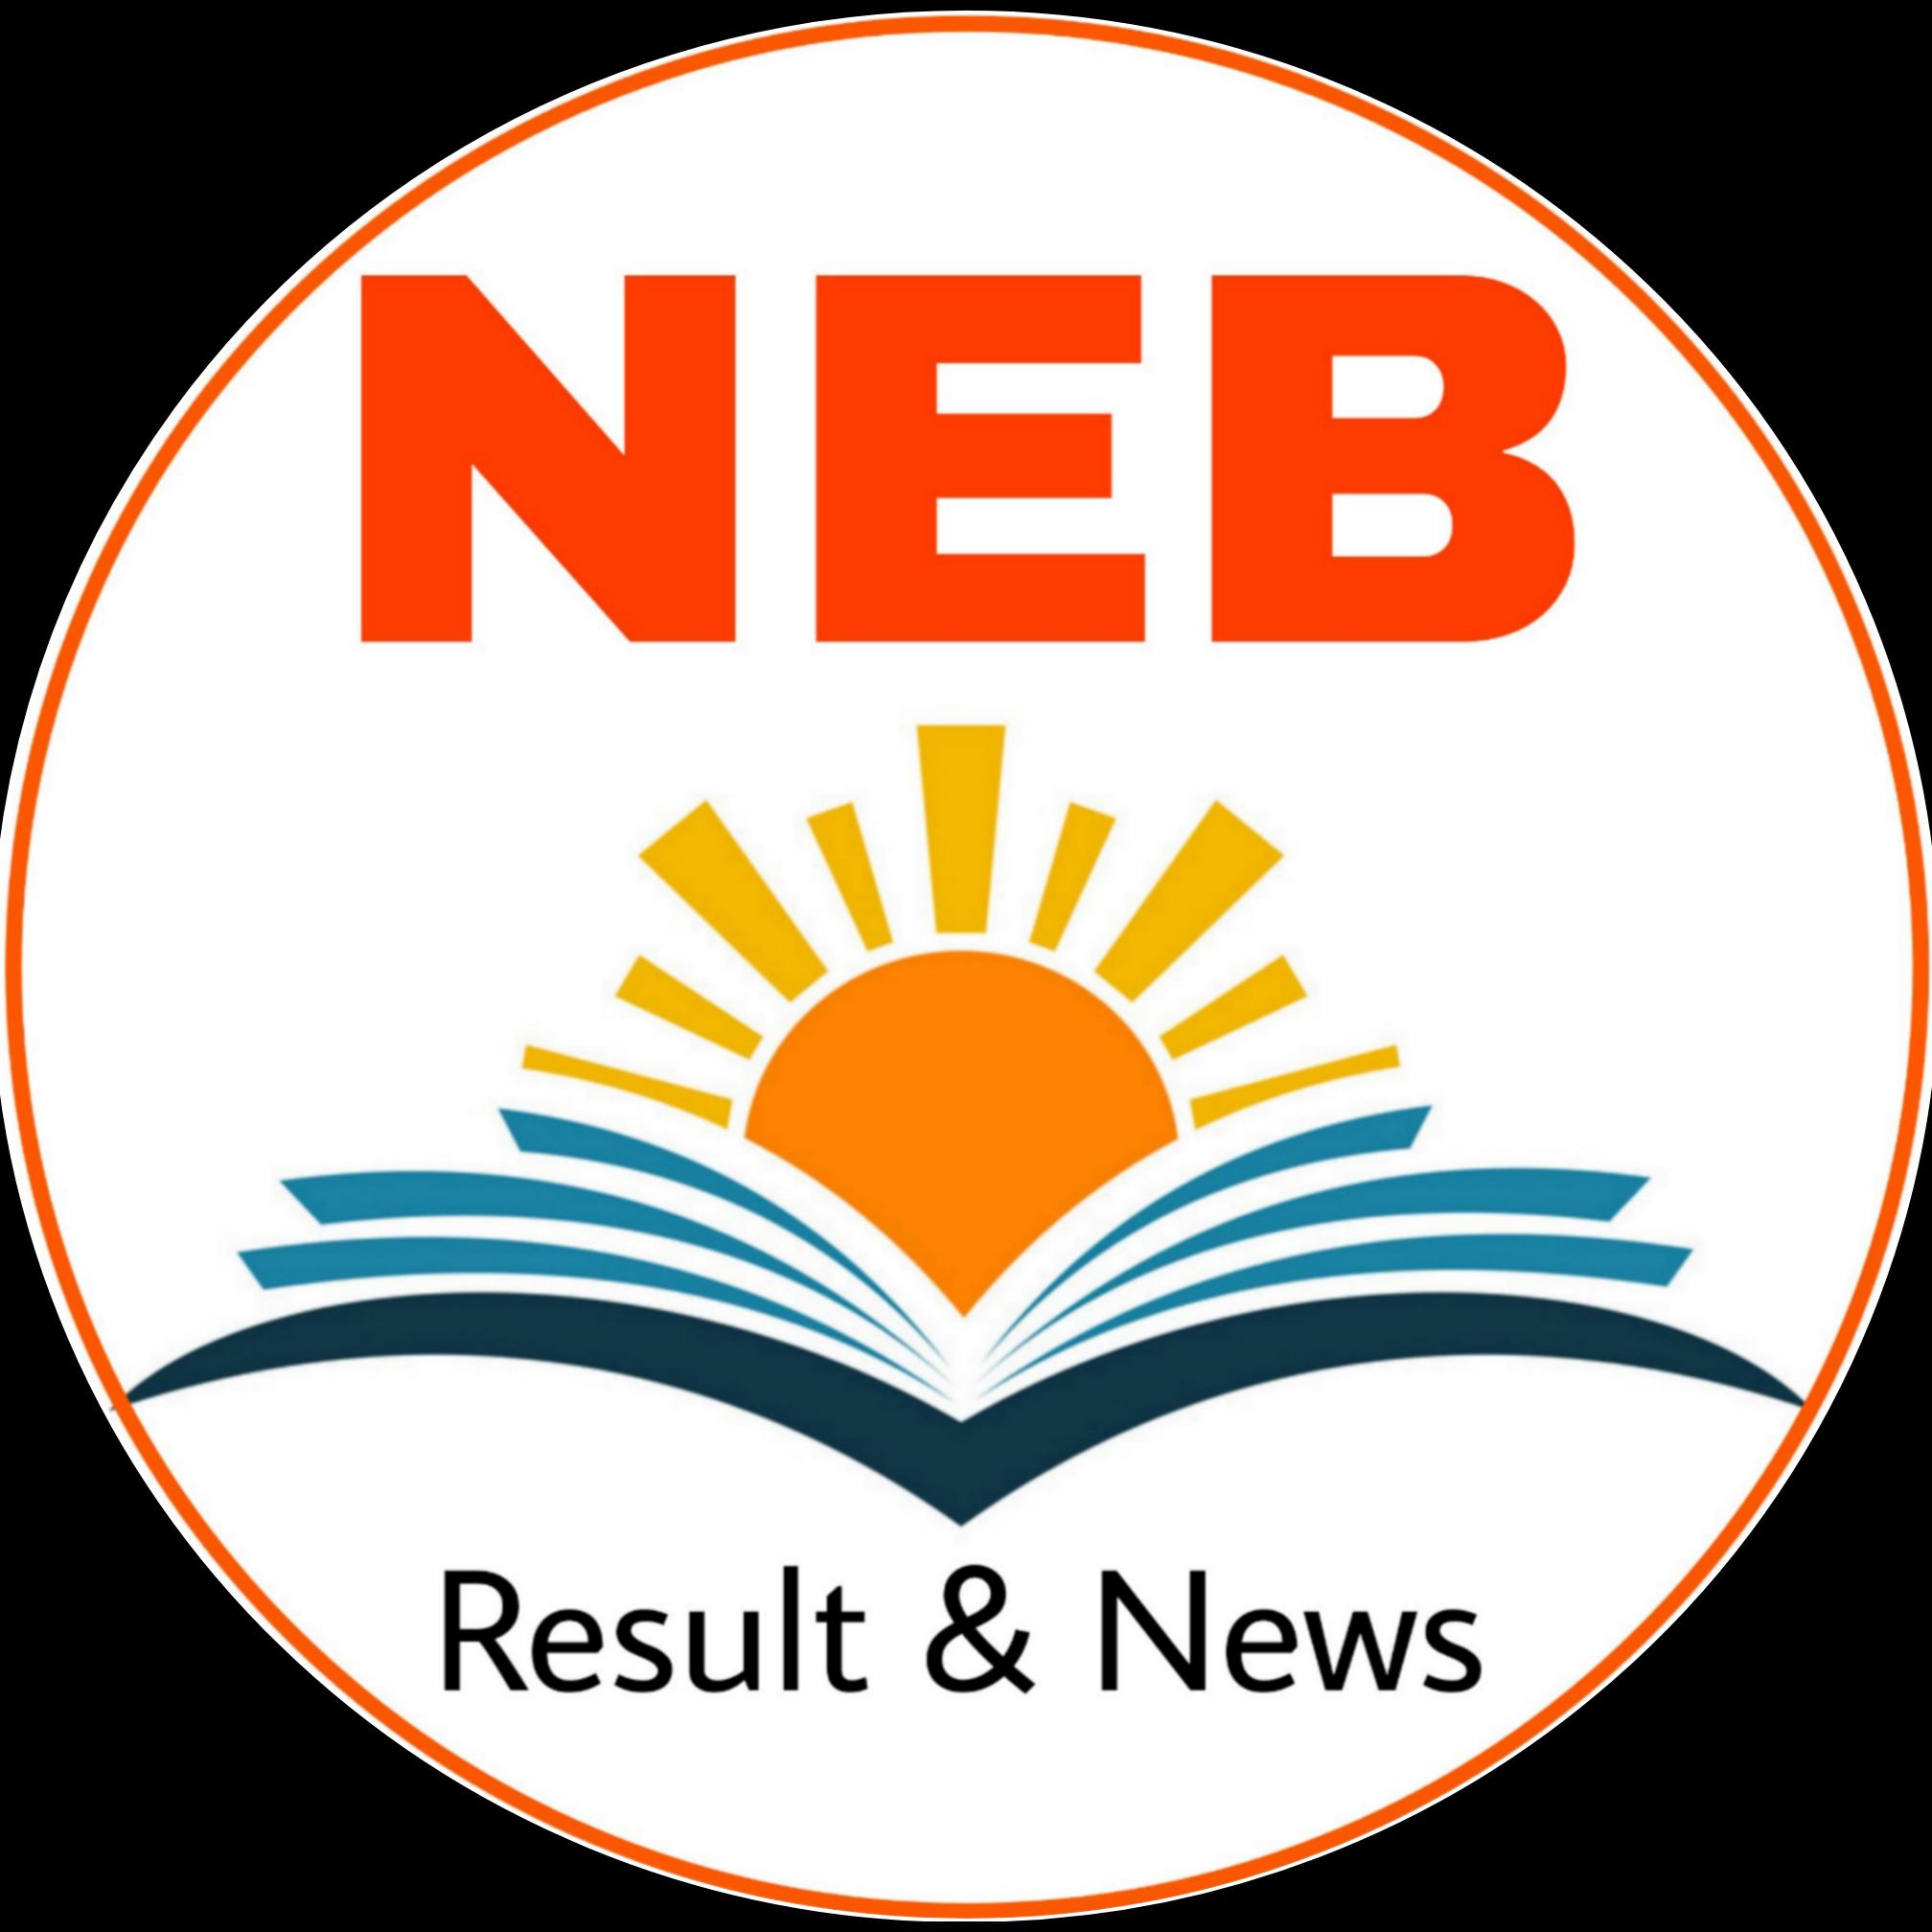 Neb Result & News